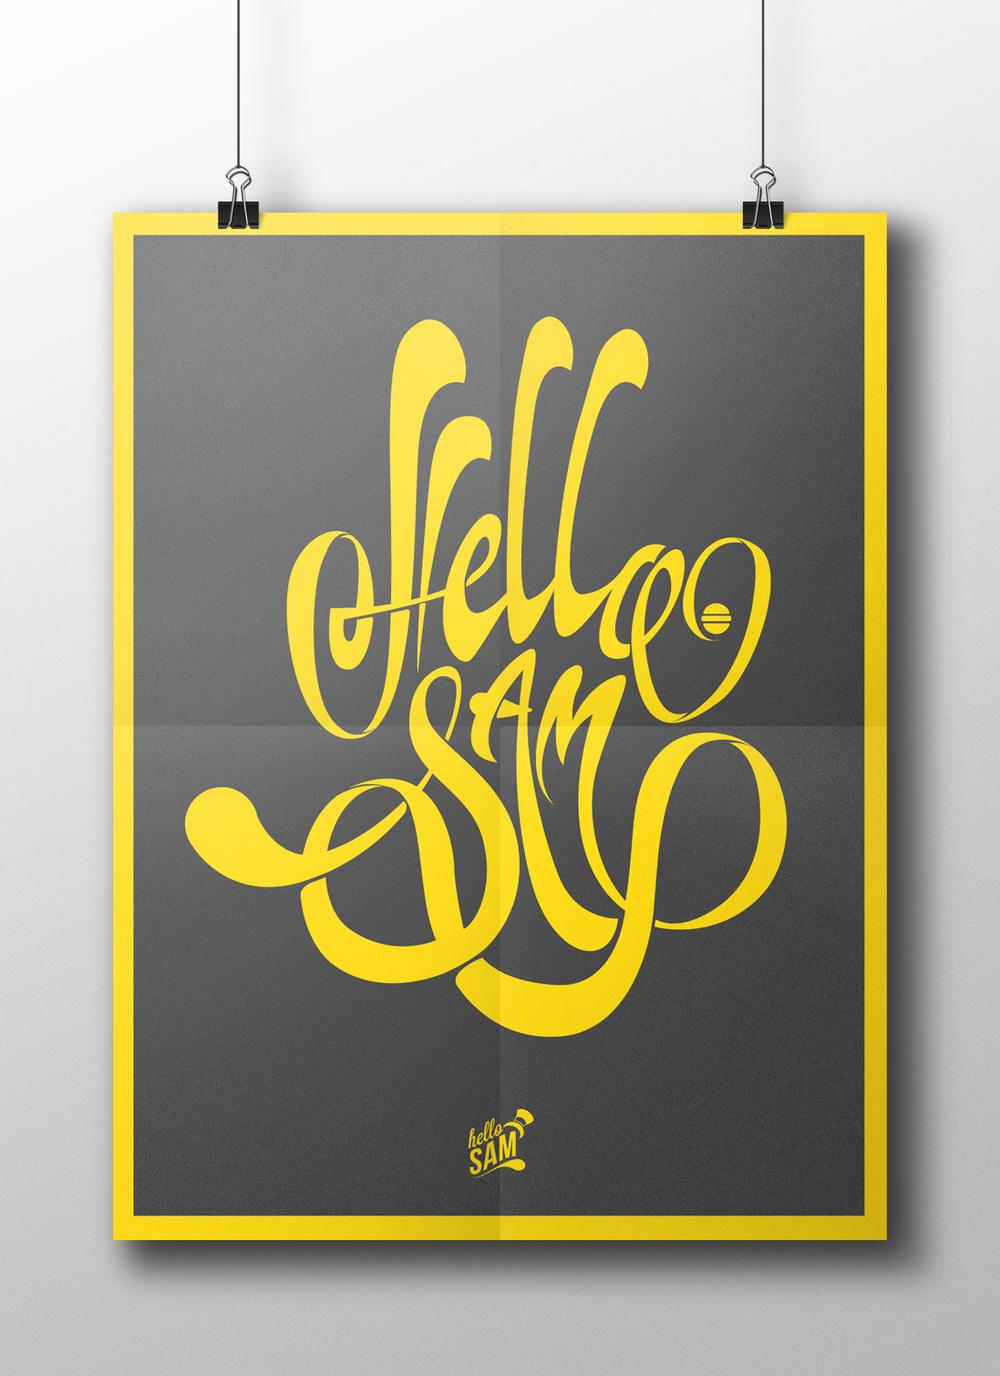 hello_sam_poster_3.jpg